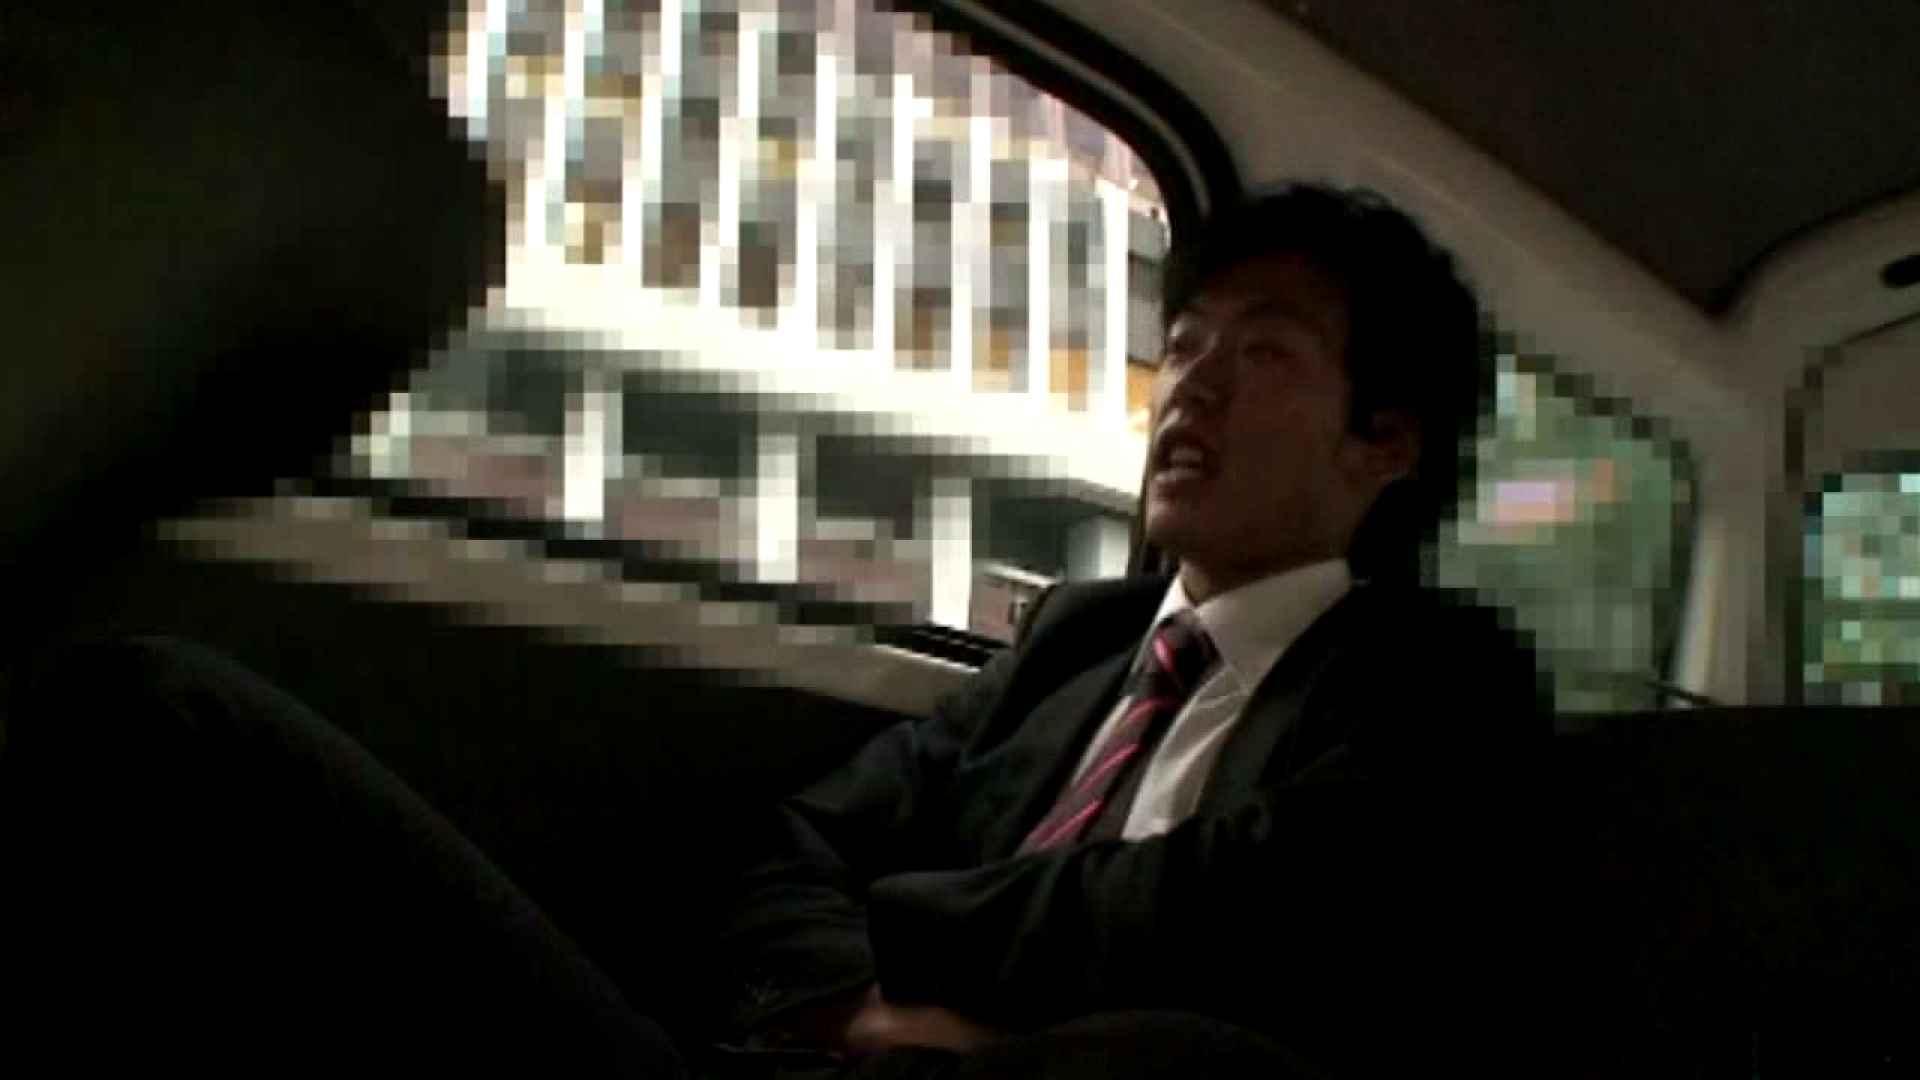 ノンケ!自慰スタジオ No.14 オナニー   自慰動画 アダルトビデオ画像キャプチャ 10連発 5